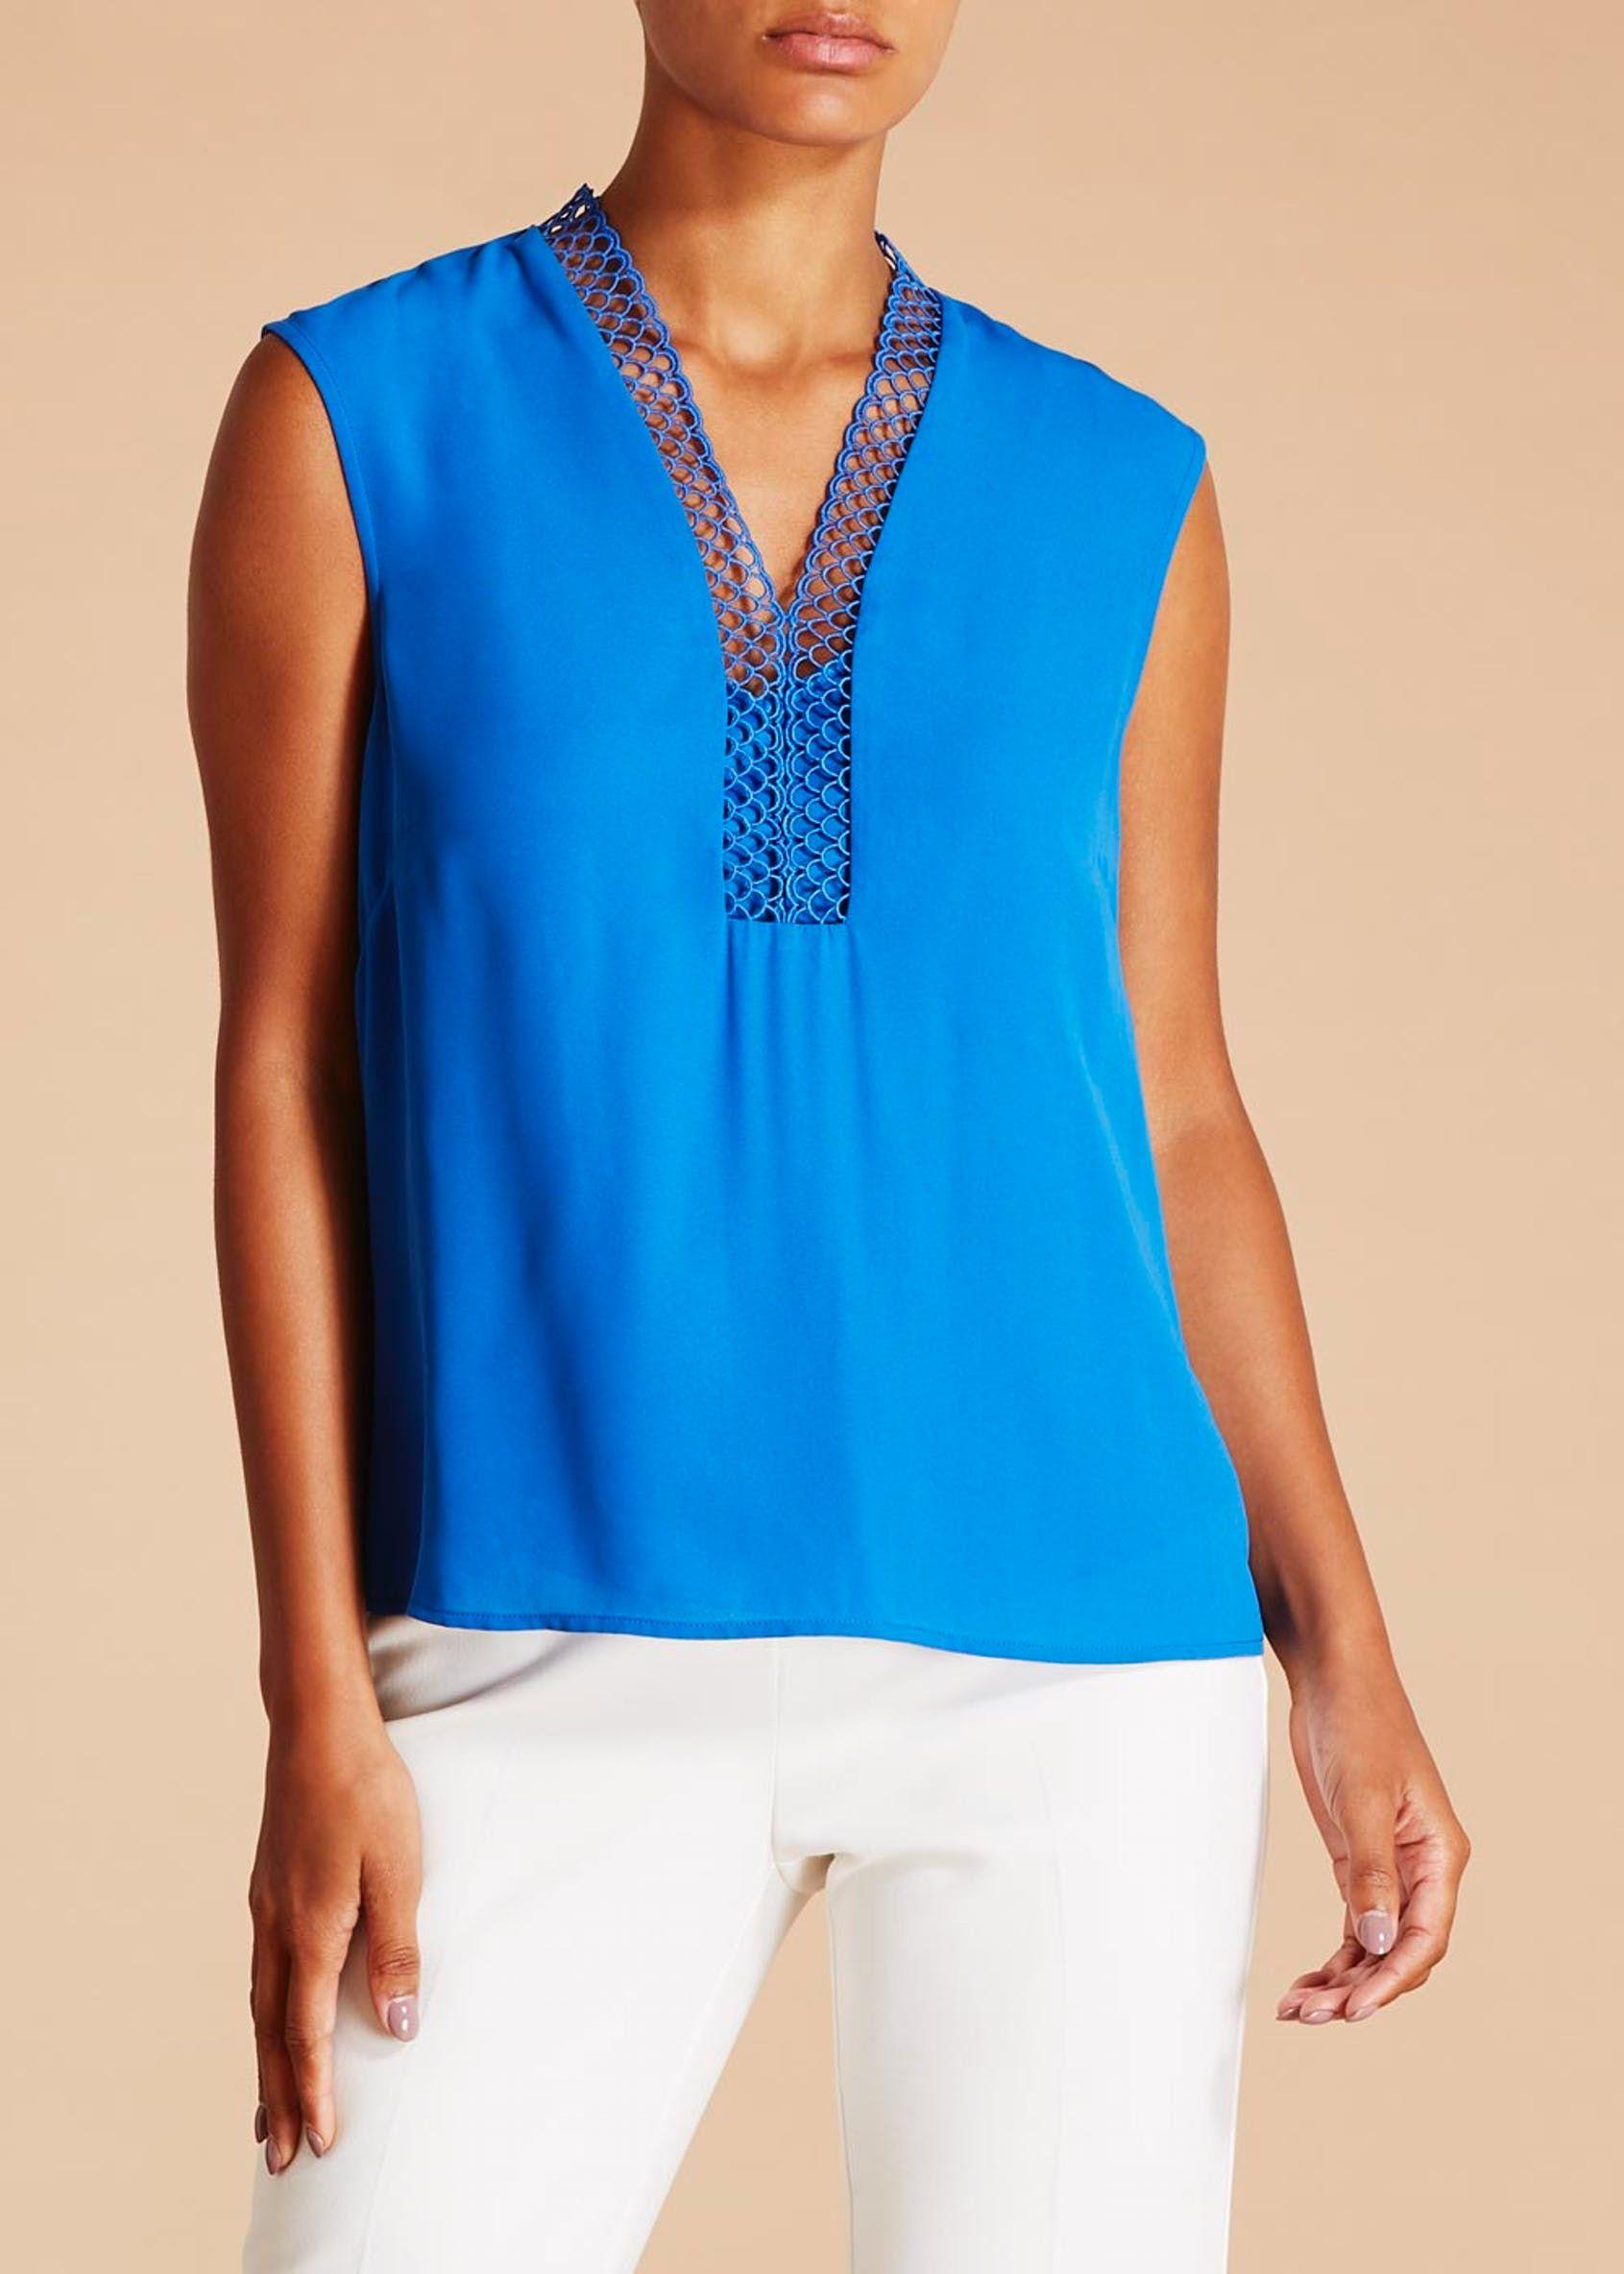 31d27b92f612a2 FWM Lace Trim Shift Top | what to wear? | Pinterest | Lace trim ...